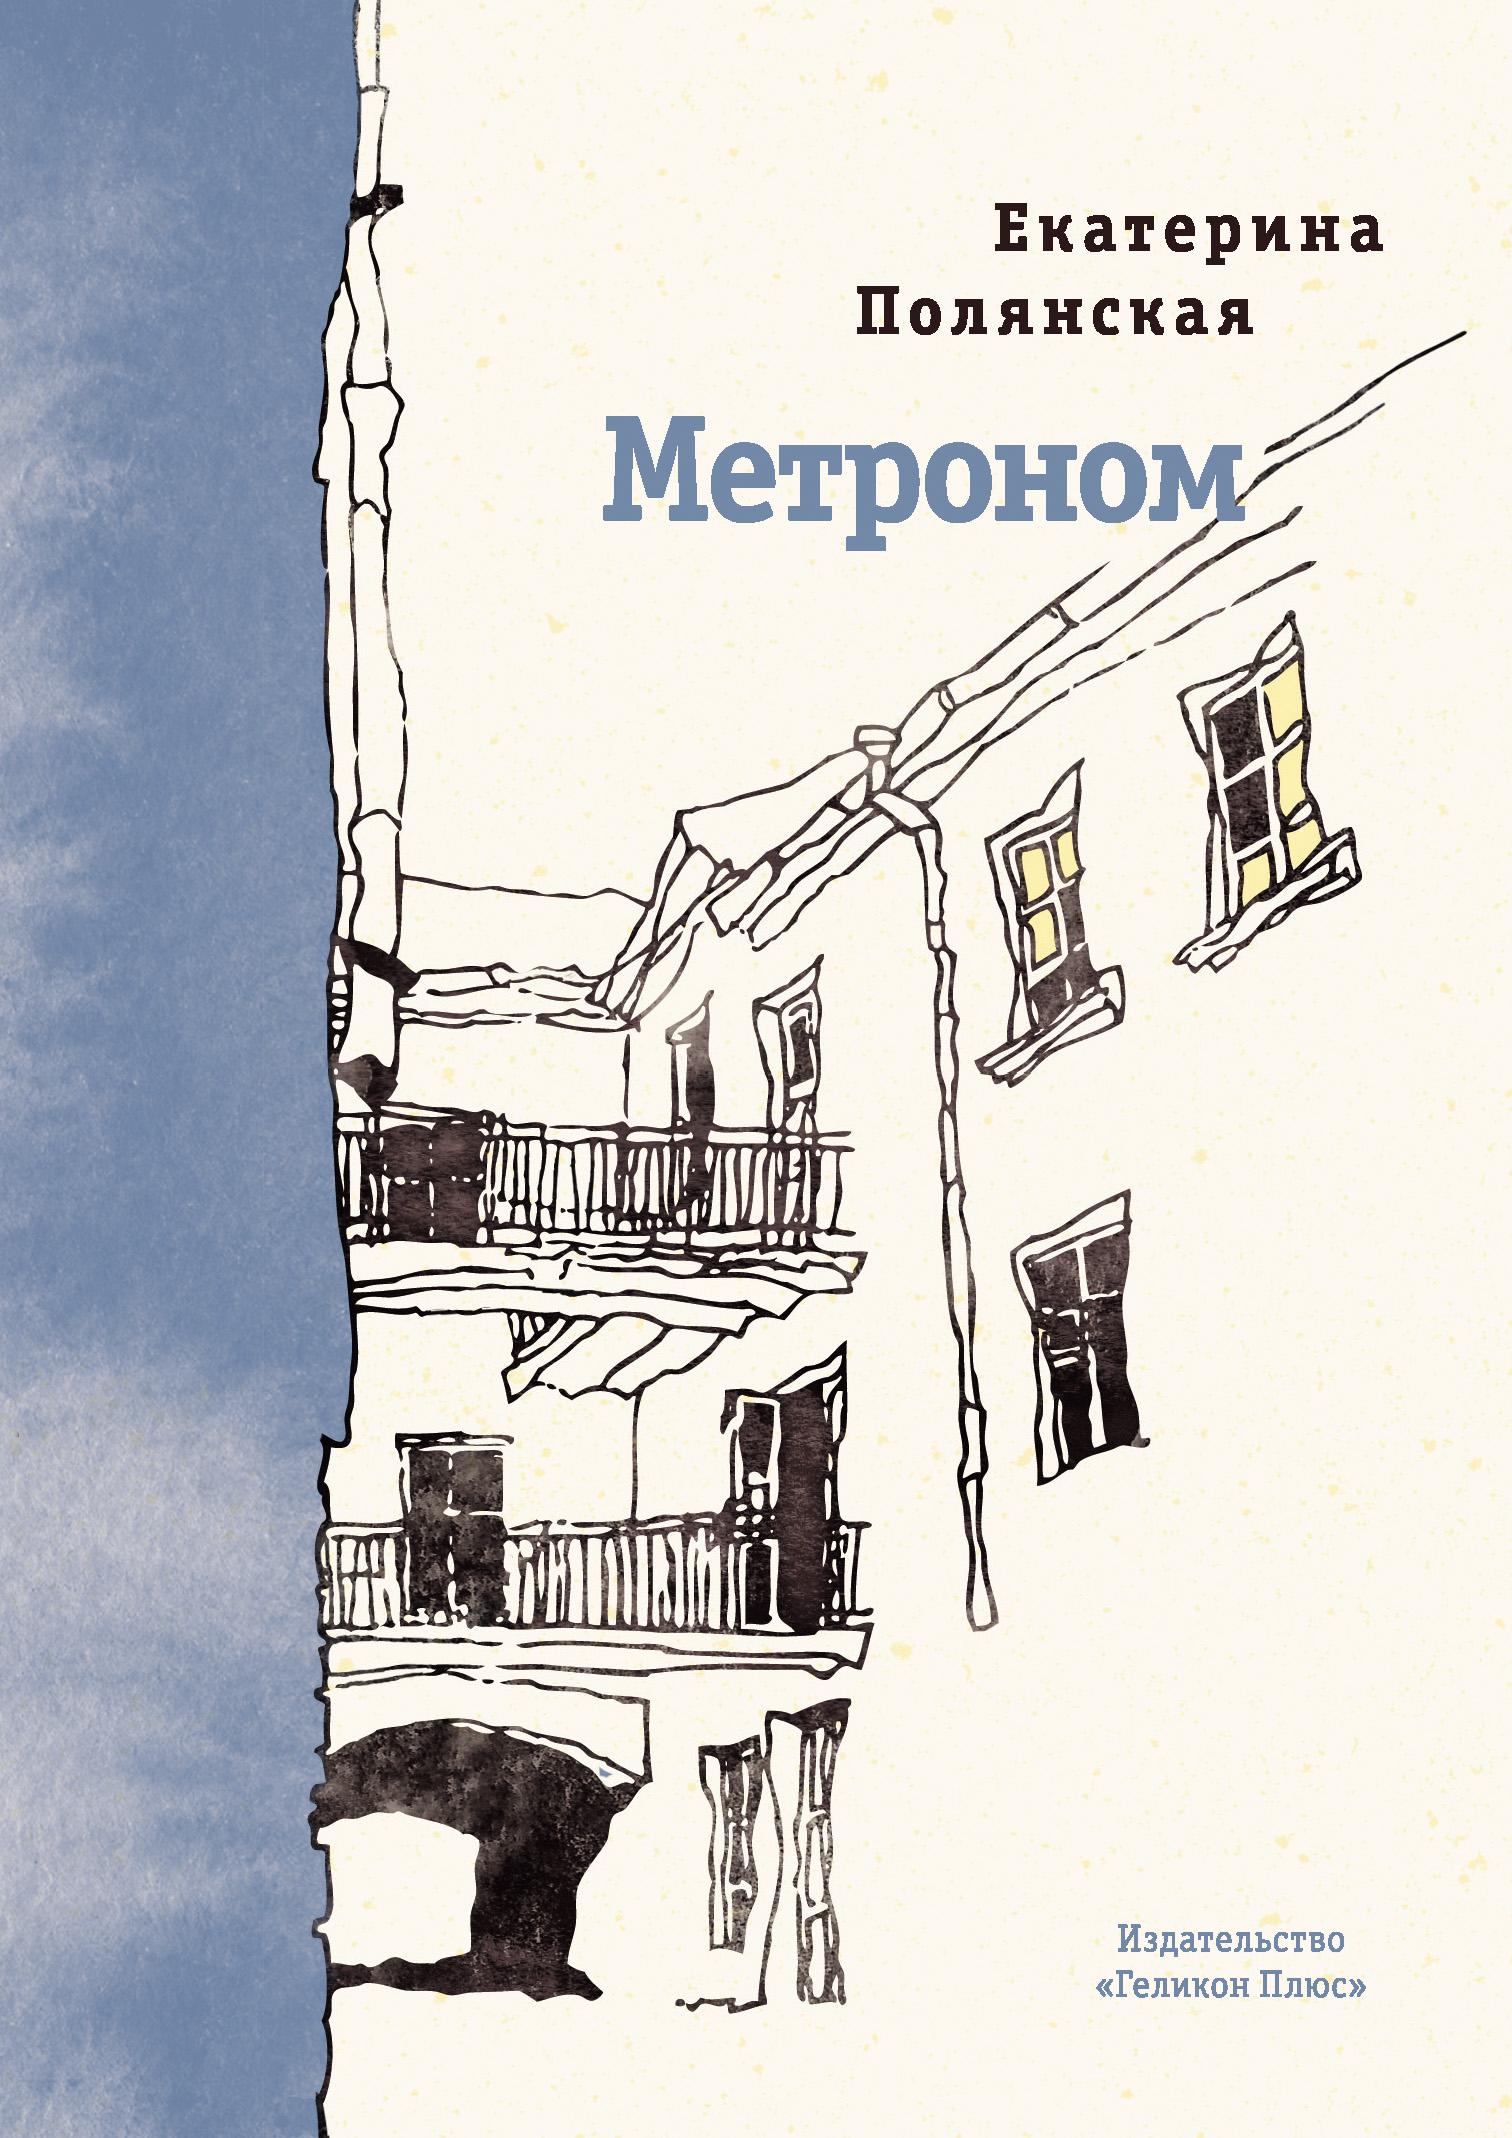 Екатерина Полянская Метроном екатерина зуева я – мотоцикл стихи